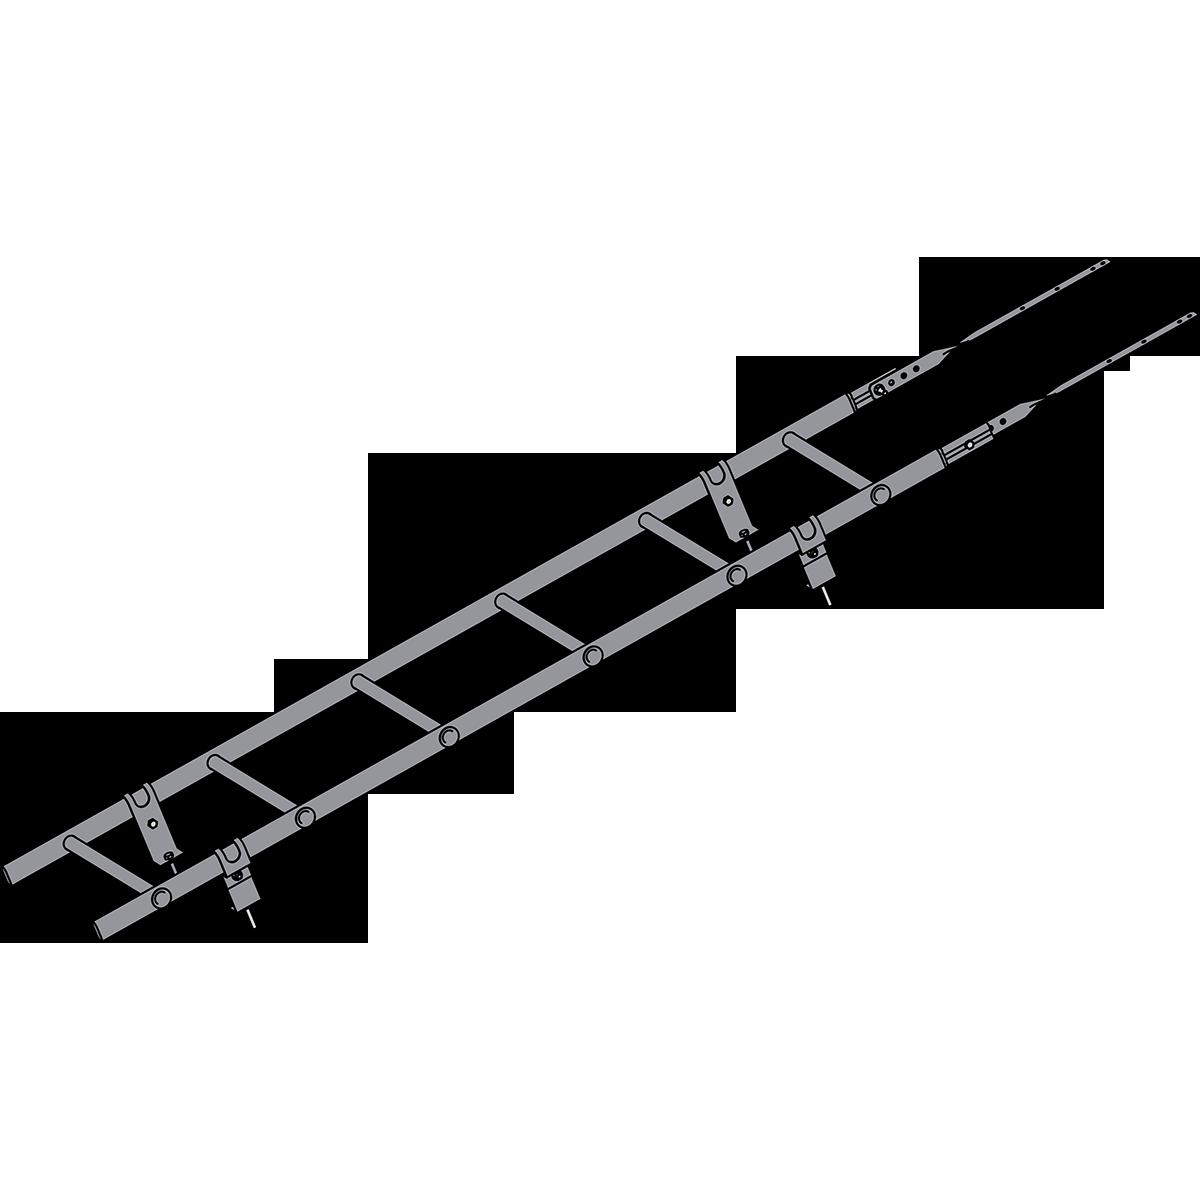 Лестница кровельная ROOFSYSTEMS PRESTIGE ZN 45х25 (овал) 400 унивеpсальная 1,2 м RAL 7004 Серый